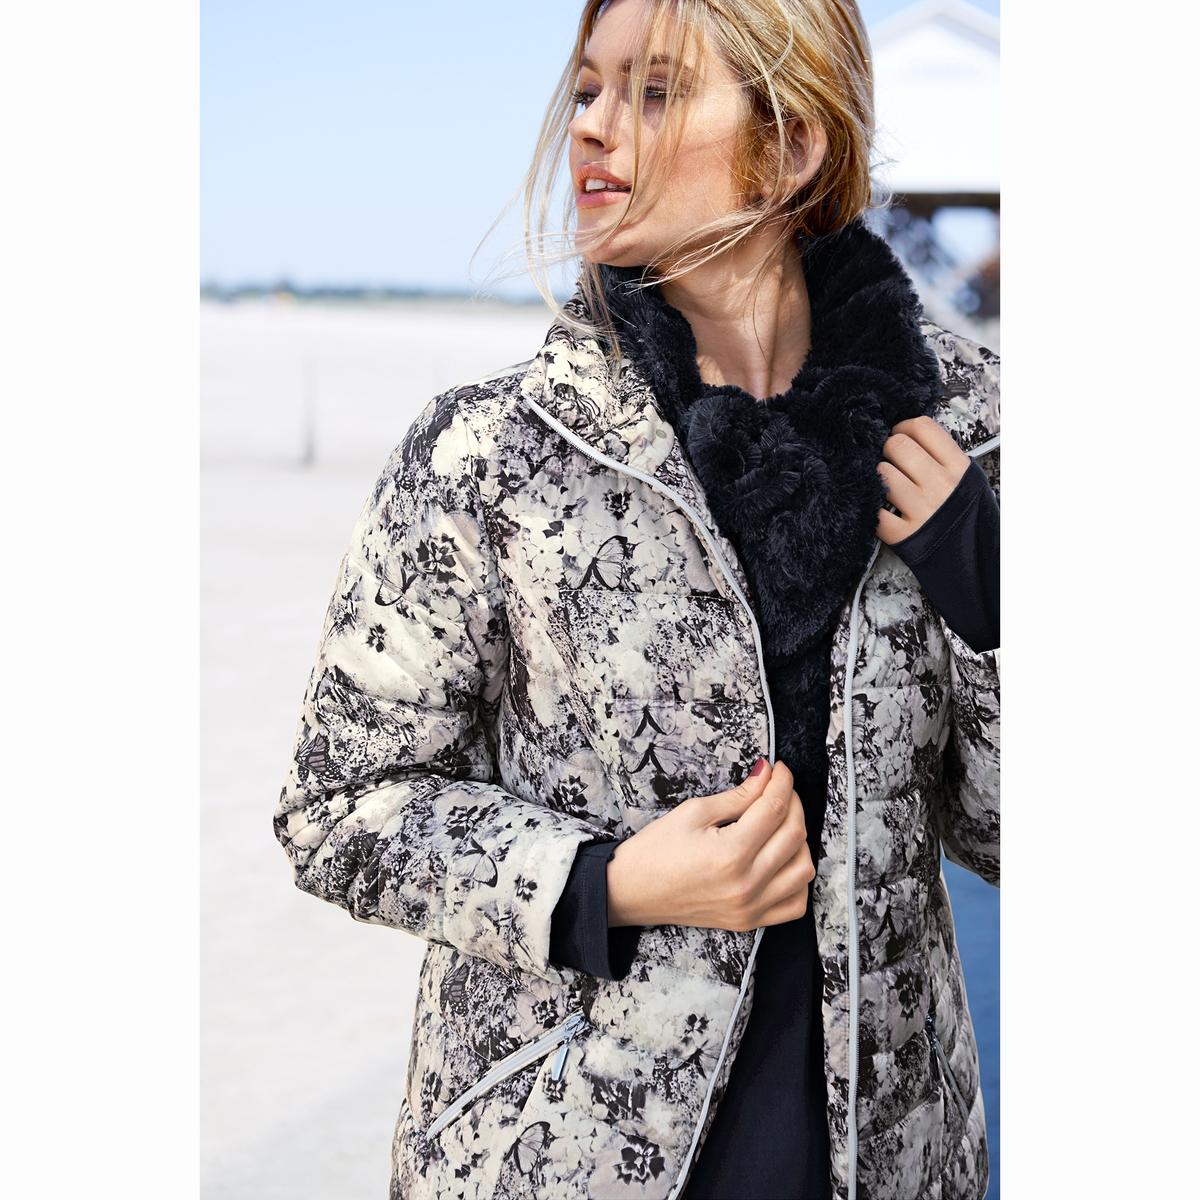 Куртка стеганаяСтеганая куртка с модным цветочным принтом - легкая и теплая . Прямой воротник, застежка на молнию с 2 бегунками, 2 кармана на молнии и длинные рукава . Полноценная подкладка, карман на молнии . Длина, в зависимости от размера, от 72 до 82 см.<br><br>Цвет: набивной рисунок